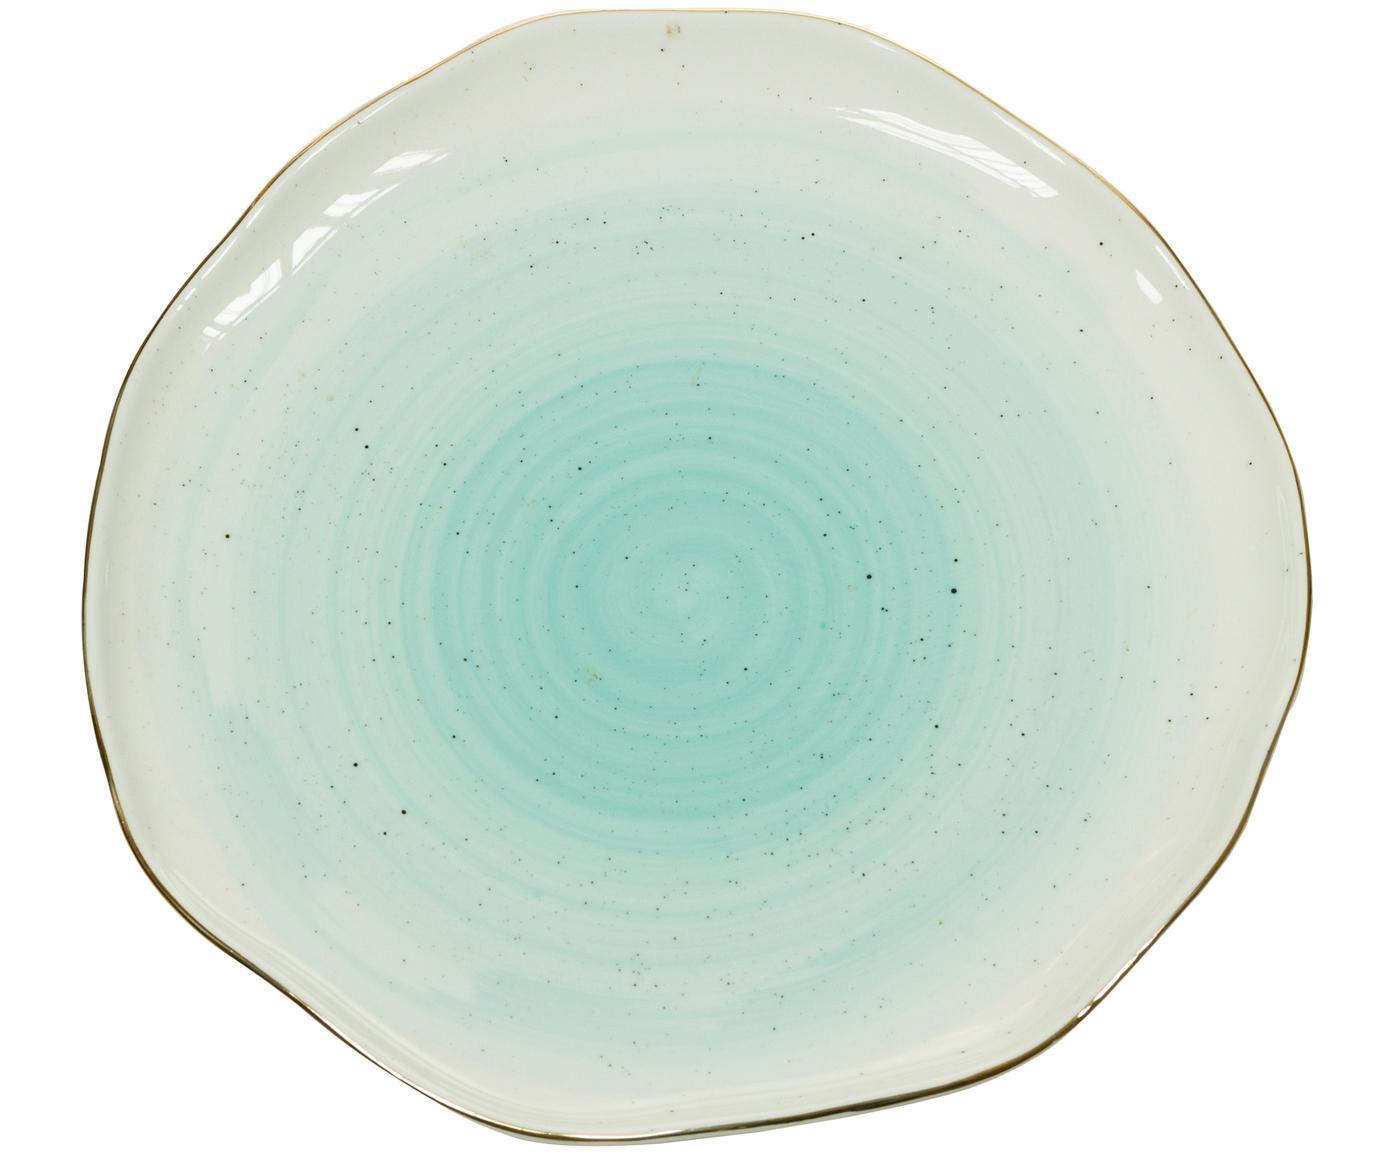 Piatto da colazione fatto a mano Bol 2 pz, Porcellana, Blu turchese, Ø 19 x Alt. 3 cm